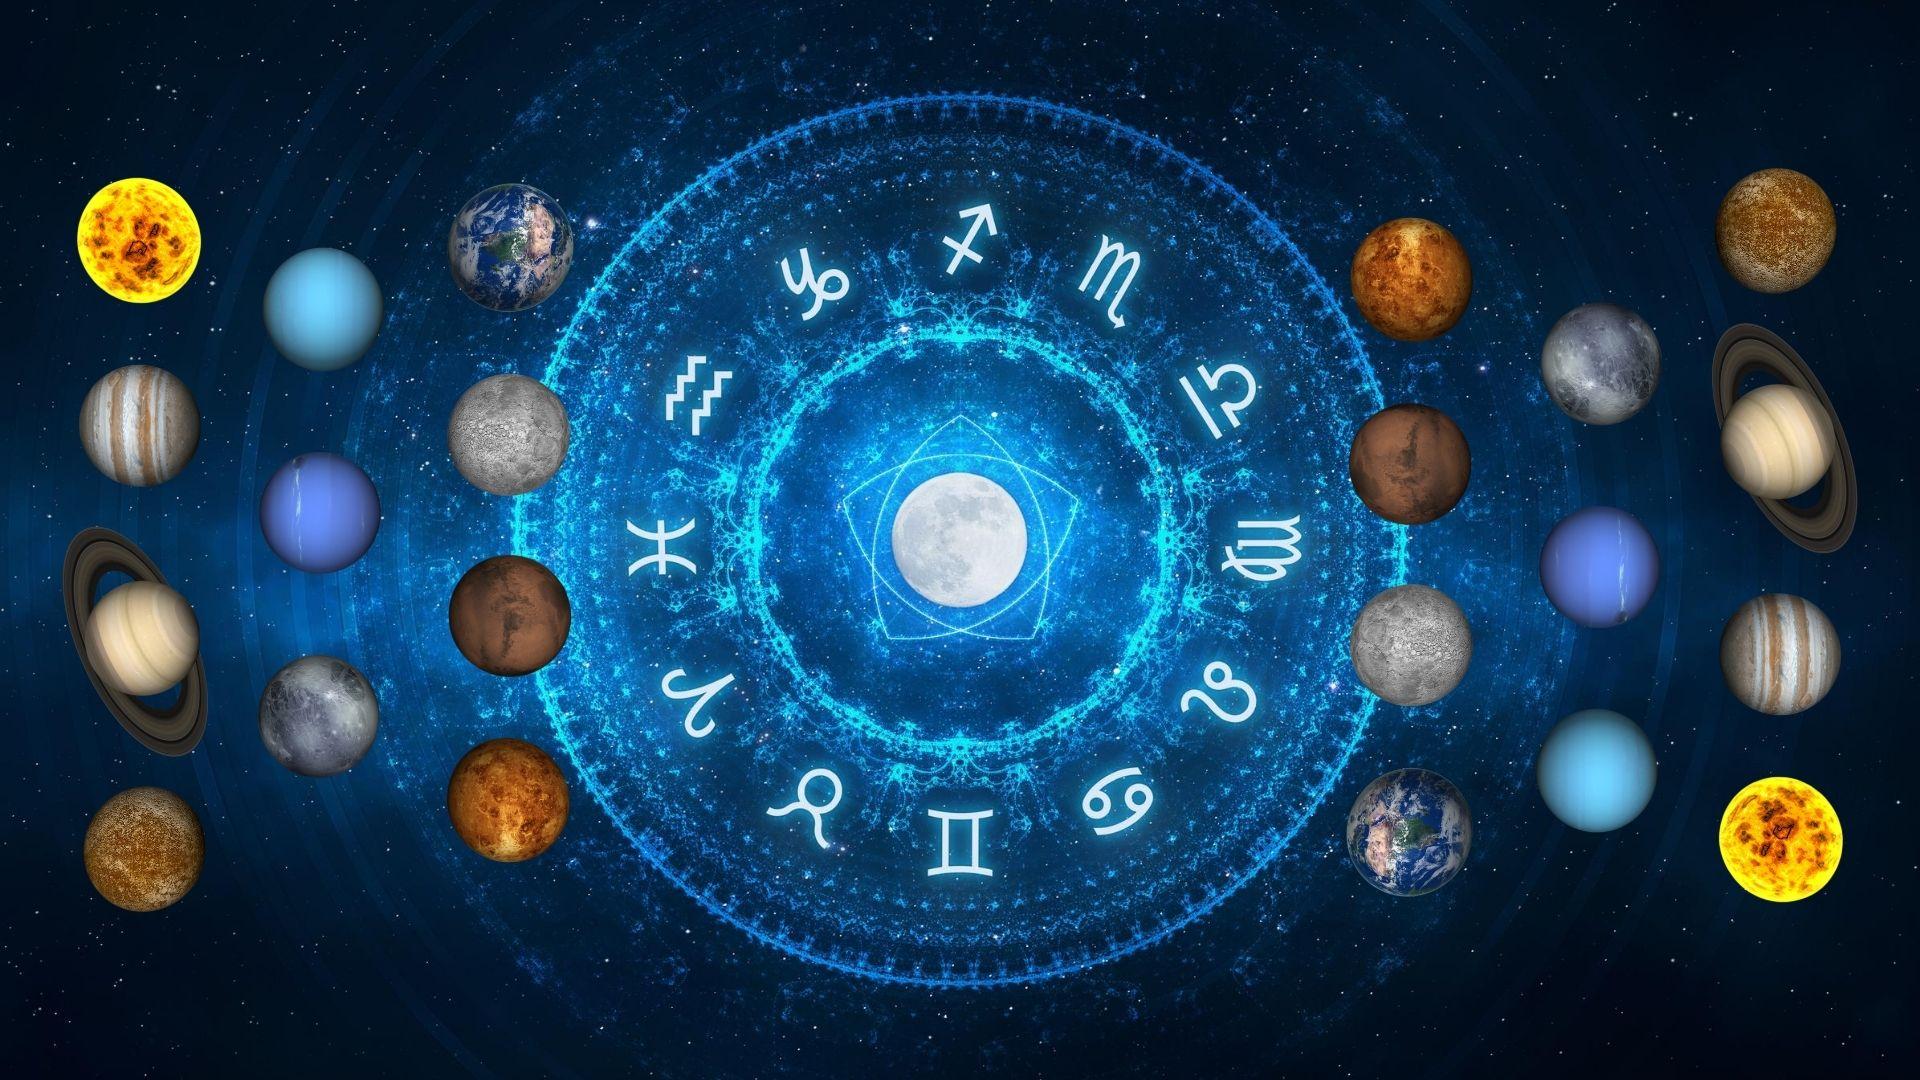 サビアン占星術基礎マスターコース